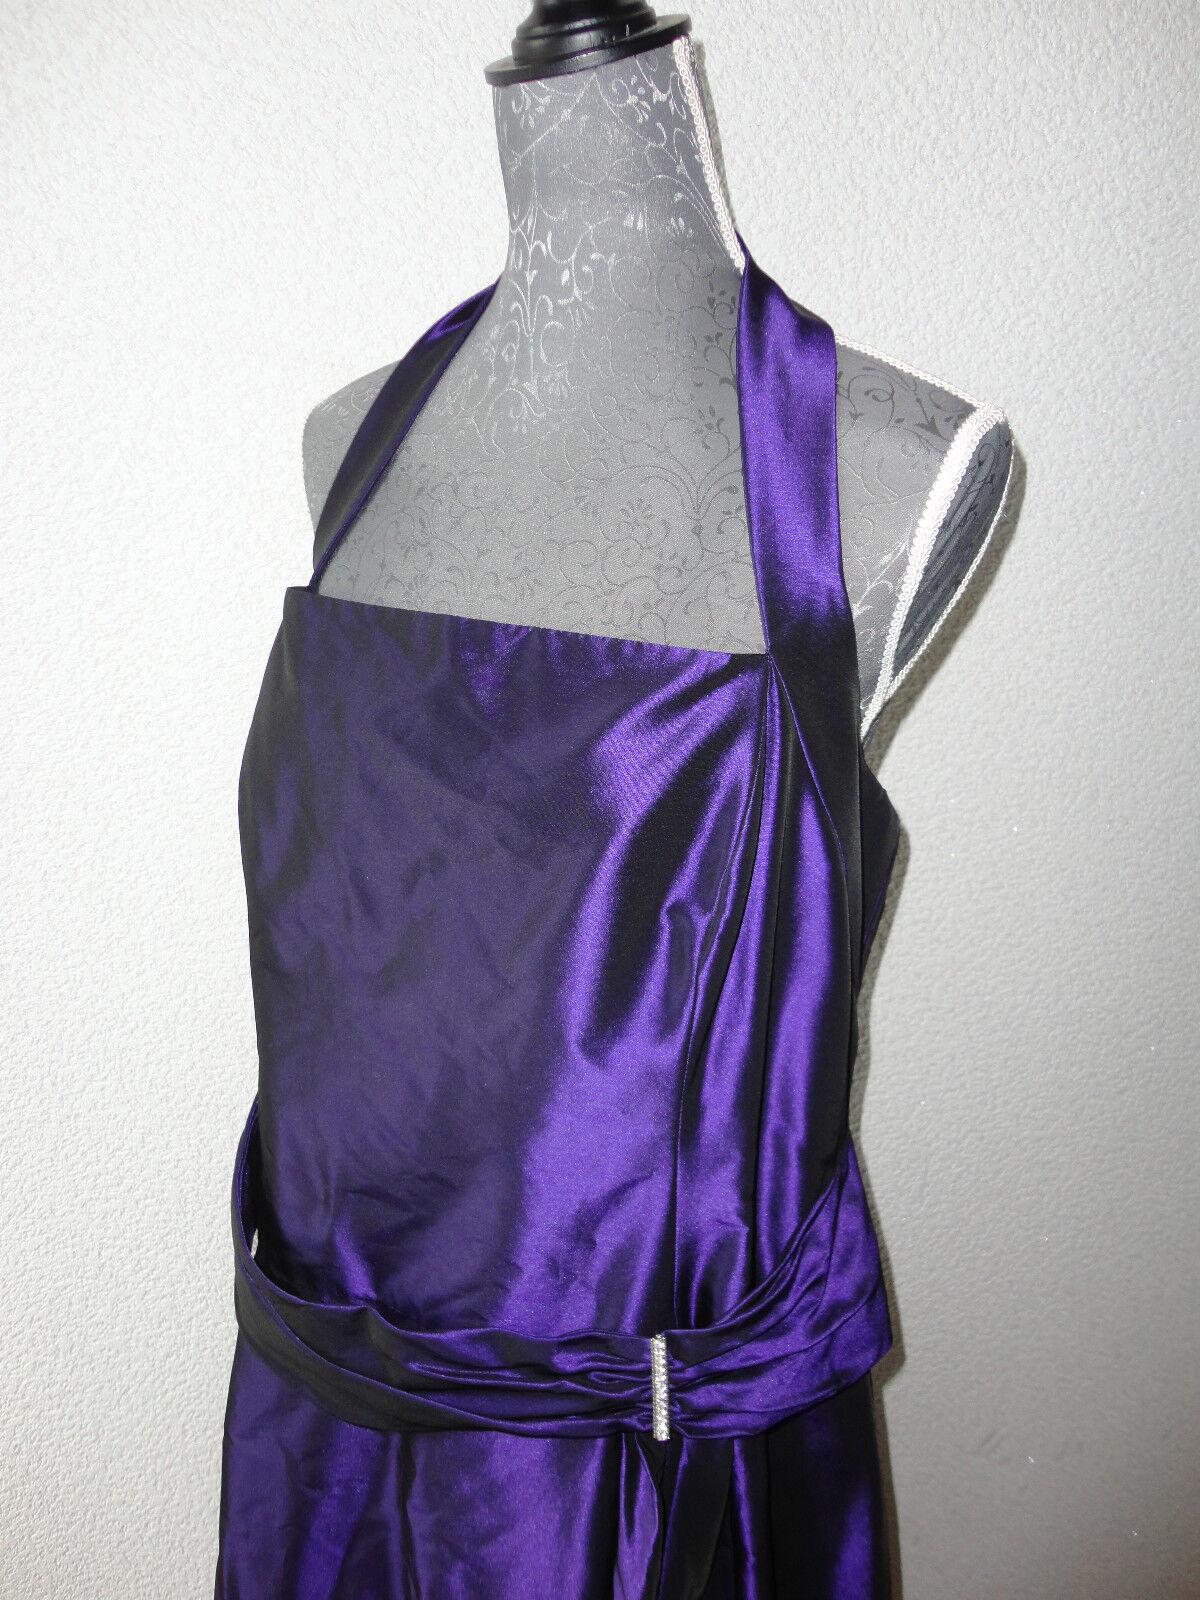 Sixth Sense Abendkleid Neckholder Kleid Maxikleid Gr.46 lilla wie NEU zu Jacke